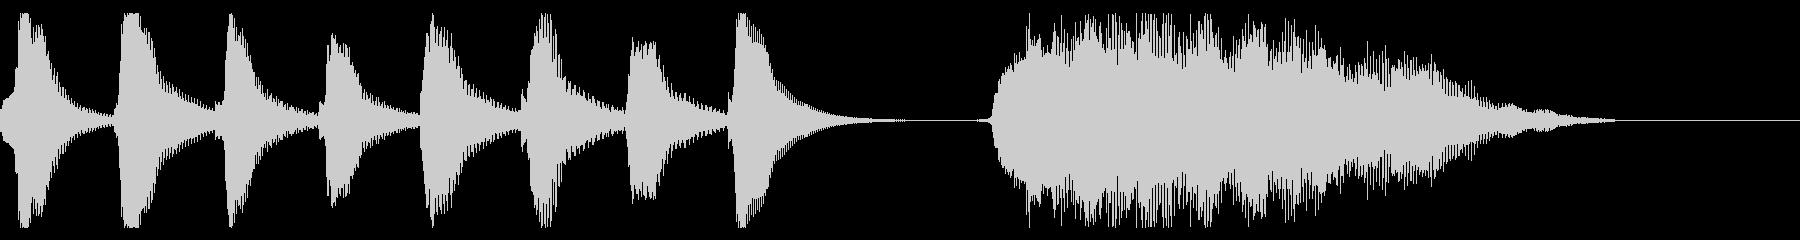 マリンバと鍵盤ハーモニカのジングルの未再生の波形